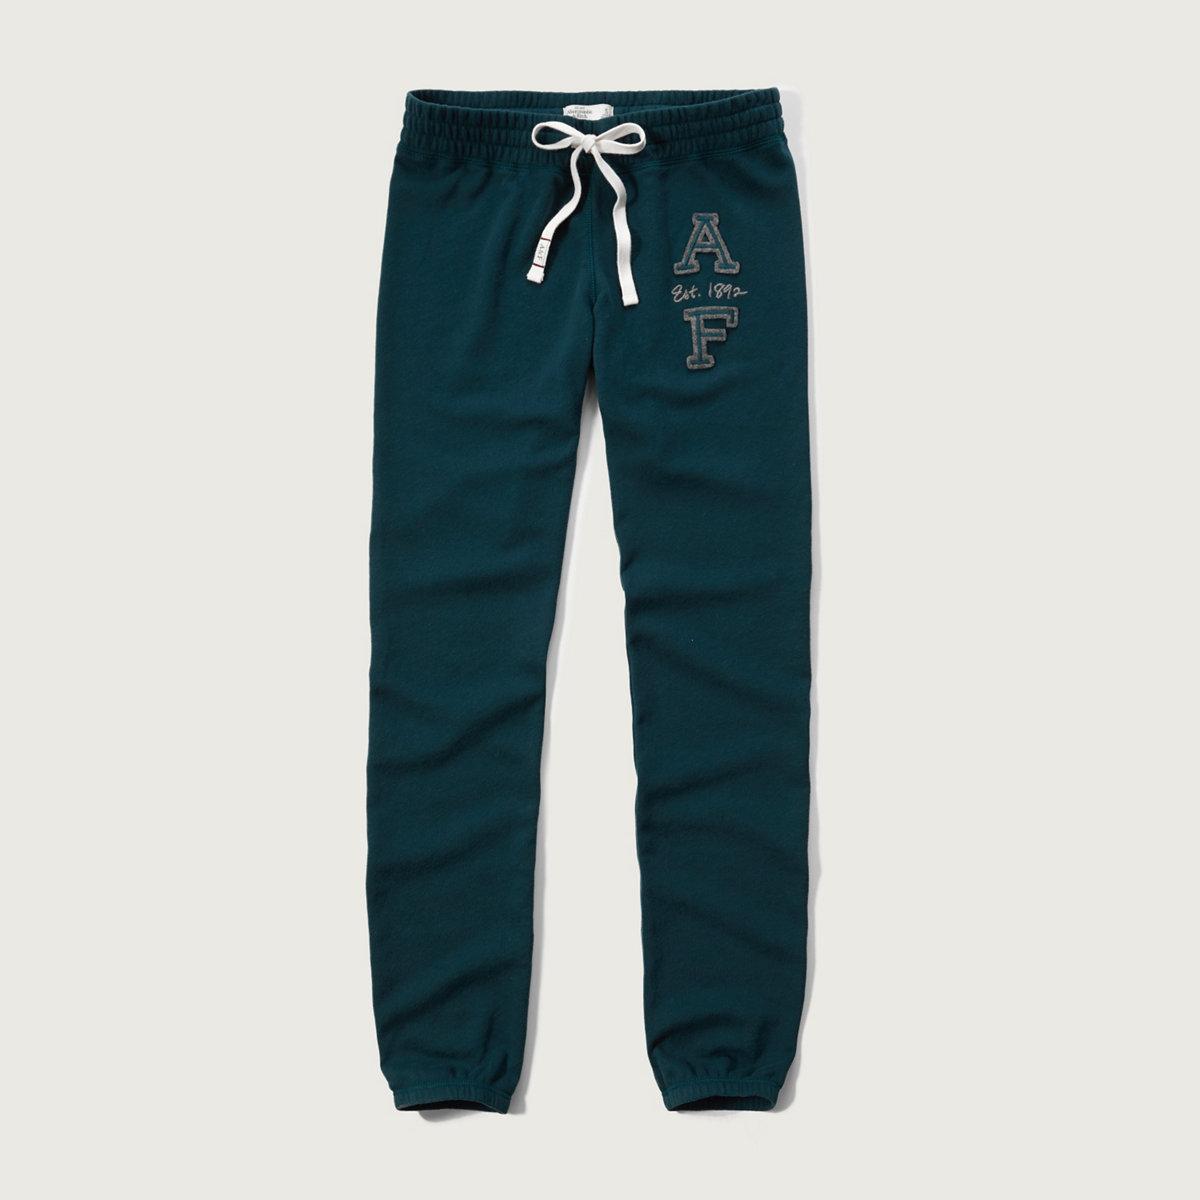 A&F Banded Sweatpants